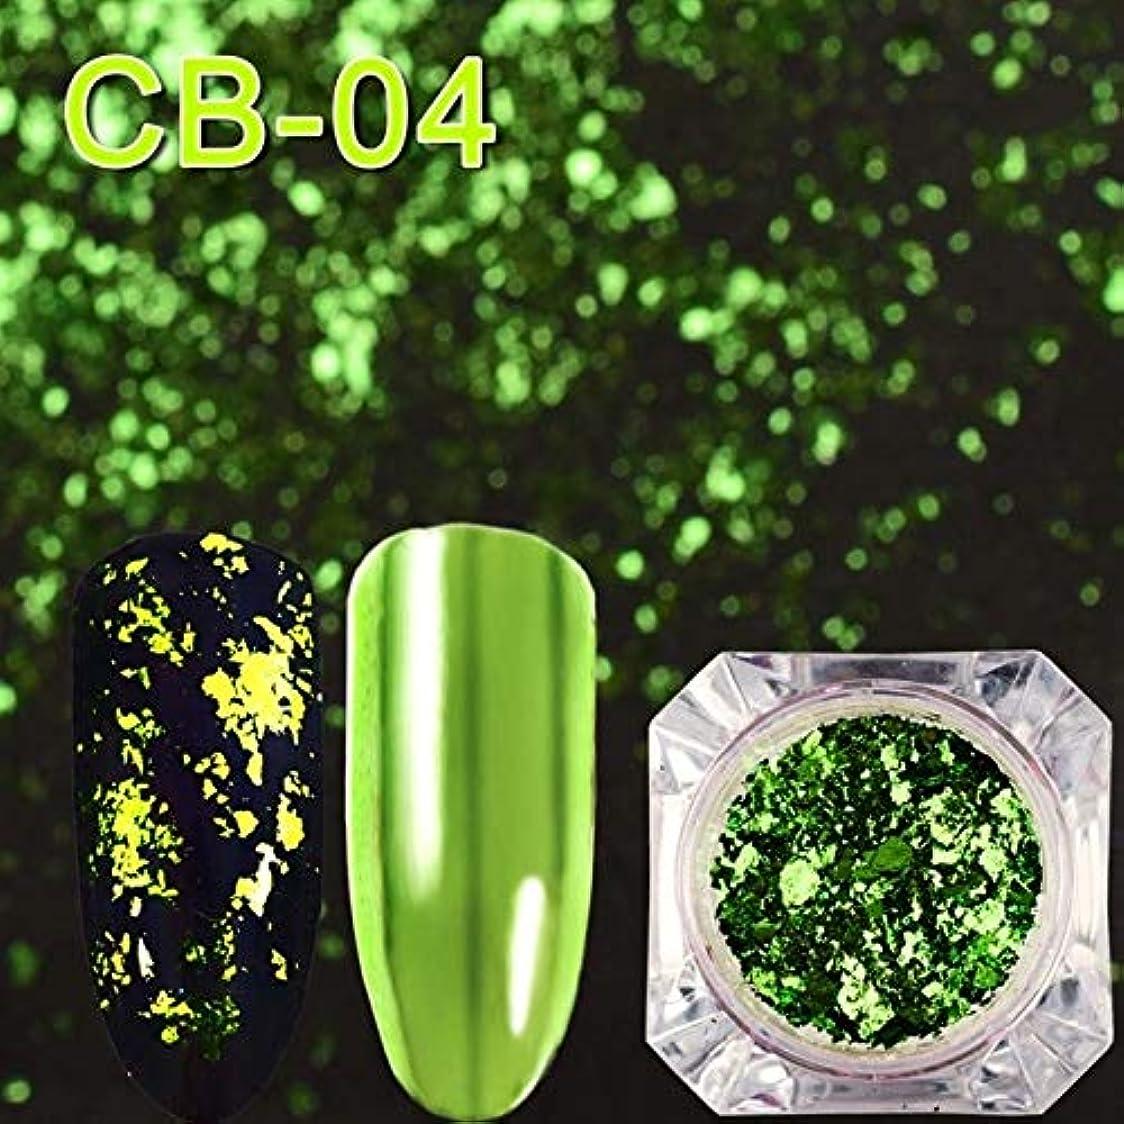 課すおしゃれな休み手足ビューティーケア 3個マジックミラーカメレオングリッターネイルフレークスパンコール不規則なネイルデコレーション(CB01) (色 : CB04)